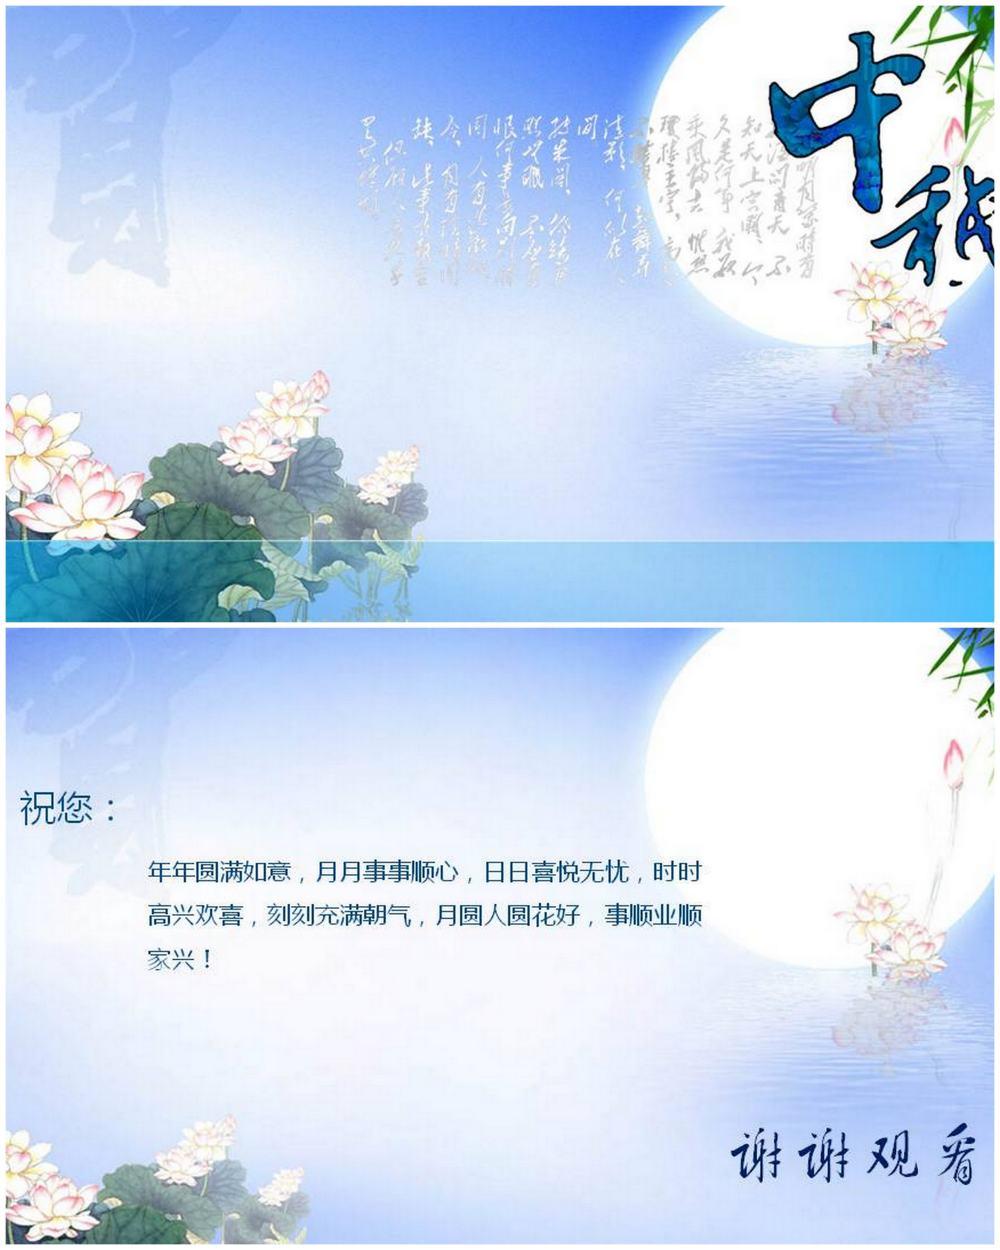 动态背景音乐中秋节ppt背景素材1